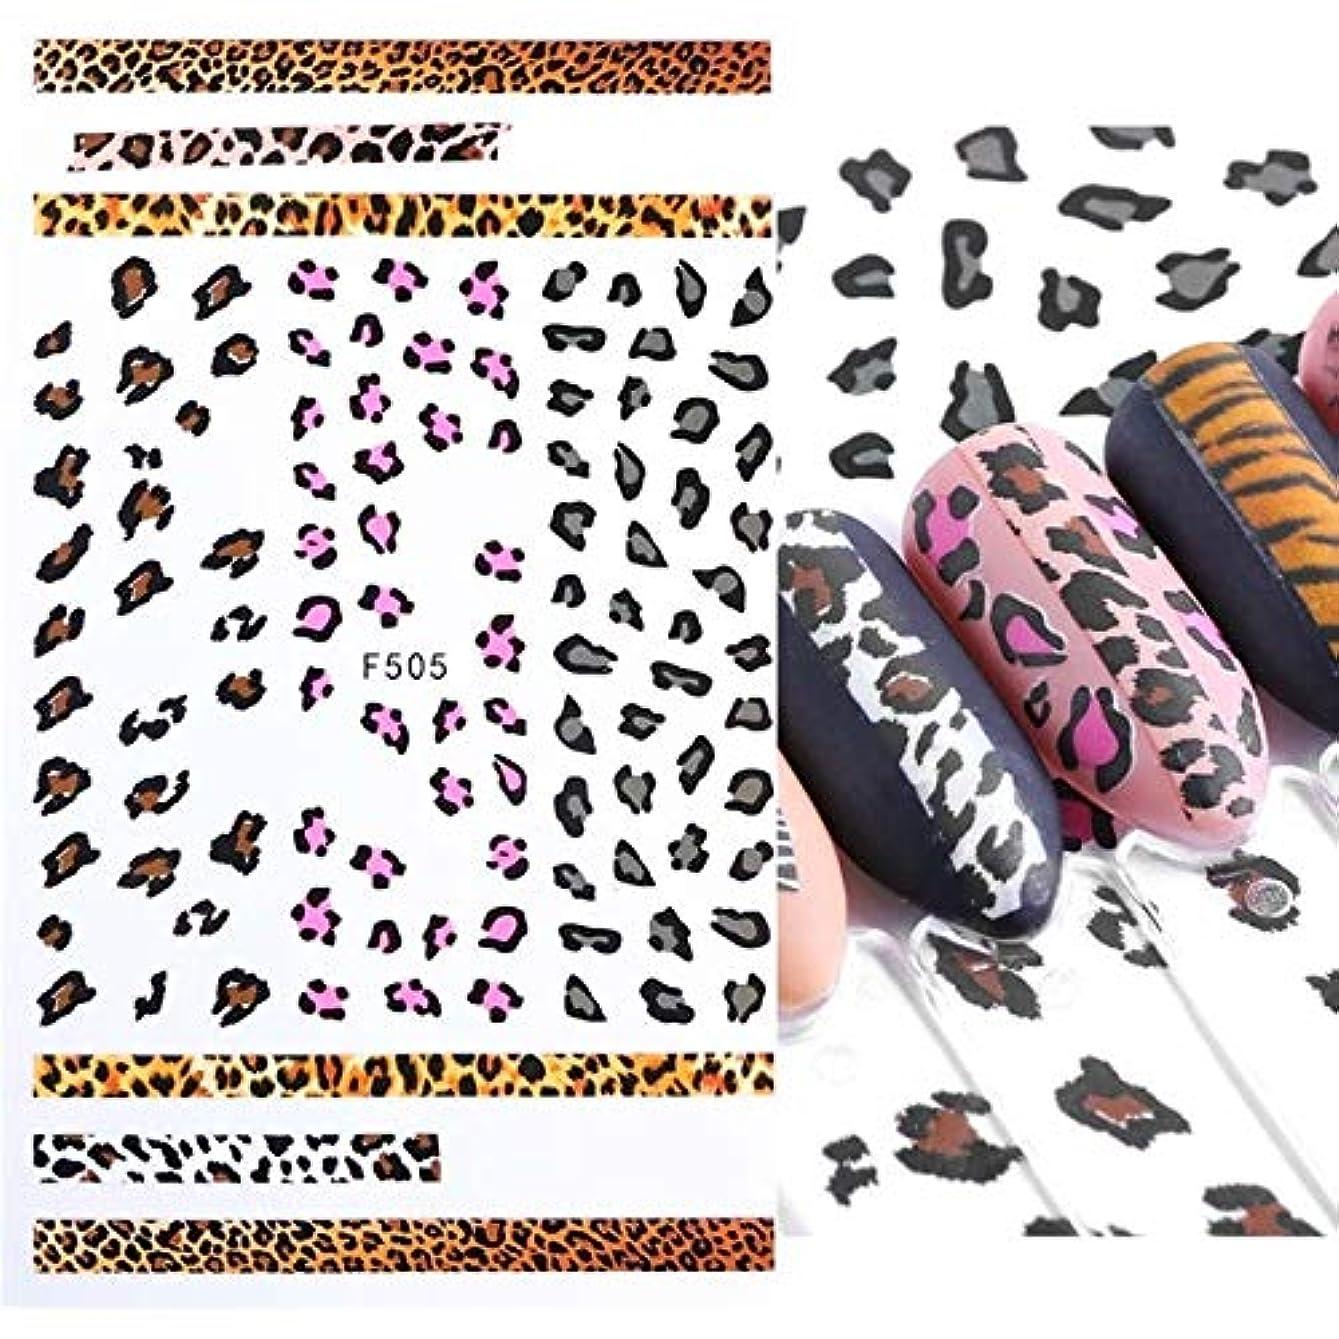 改修耐えられる保守可能SUKTI&XIAO ネイルステッカー 1ピースネイルステッカーヒョウ柄動物パターンデザイン3D粘着マニキュアツールスライダーネイルアート装飾